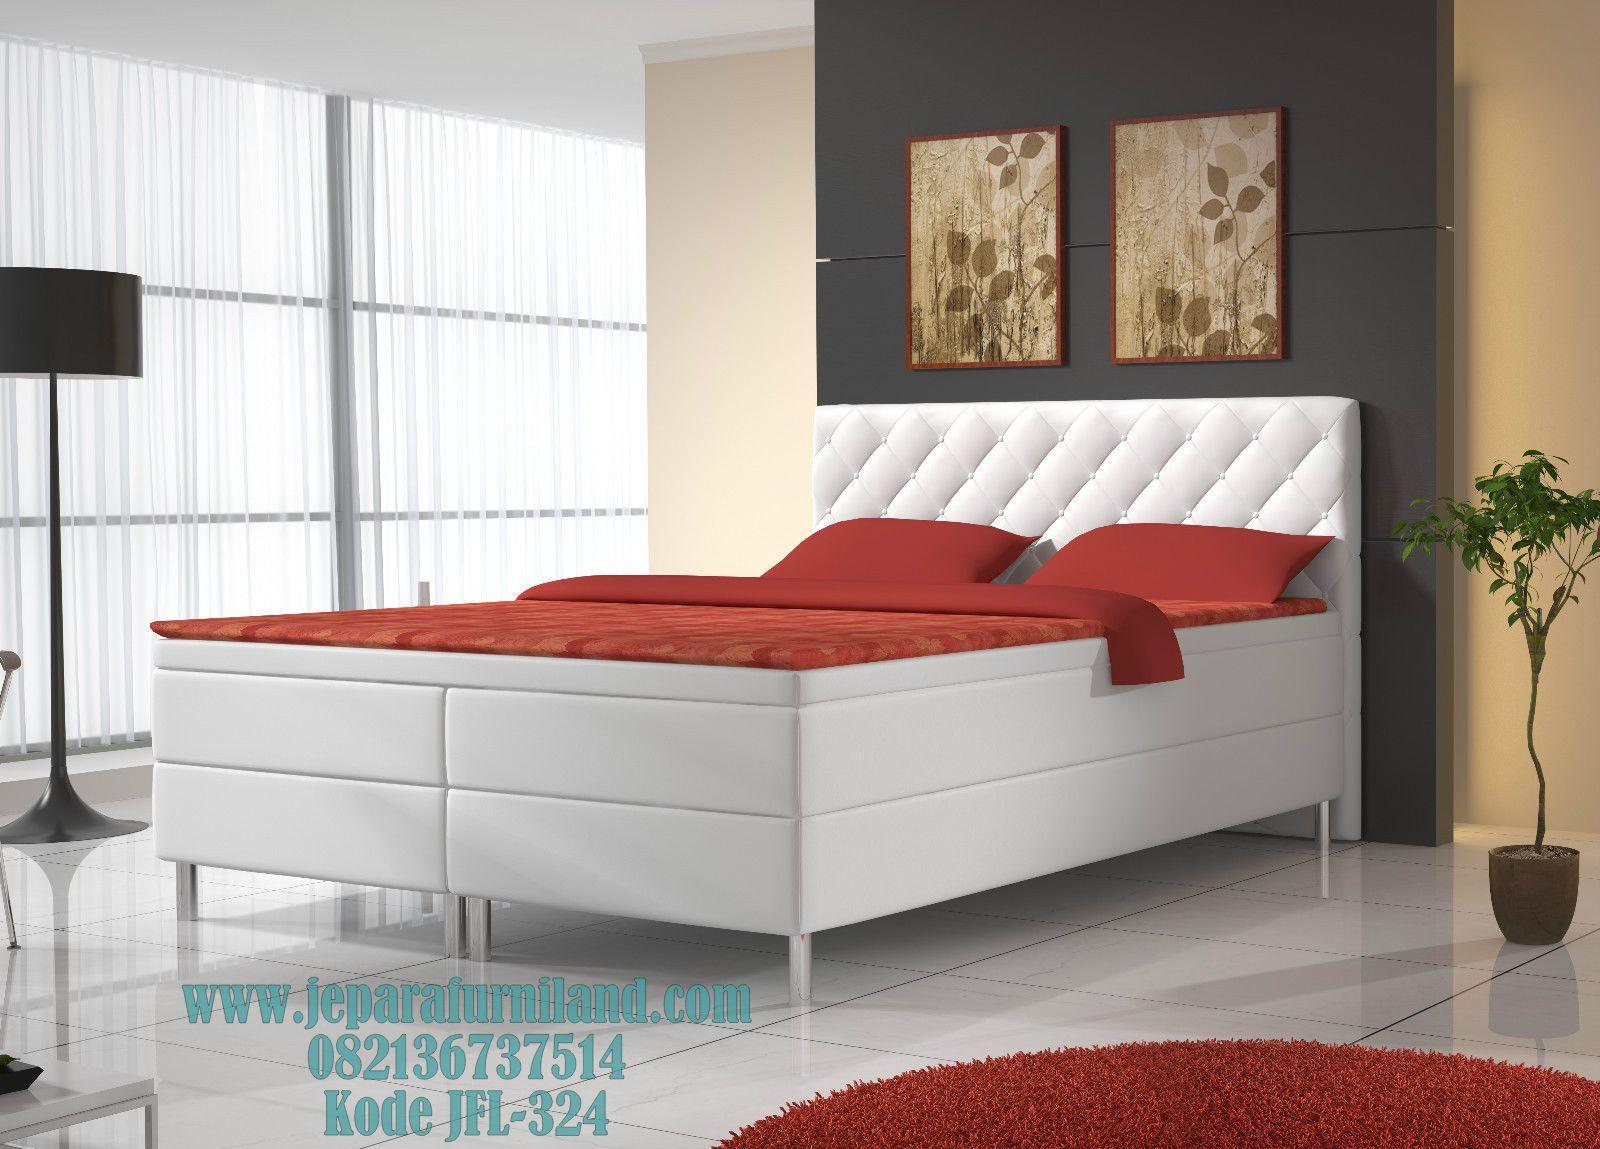 Konsep Ranjang Tidur Minimalis Murah Terbaru Simple  Model Tempat Tidur Minimalis Modern Masa Kini Simple